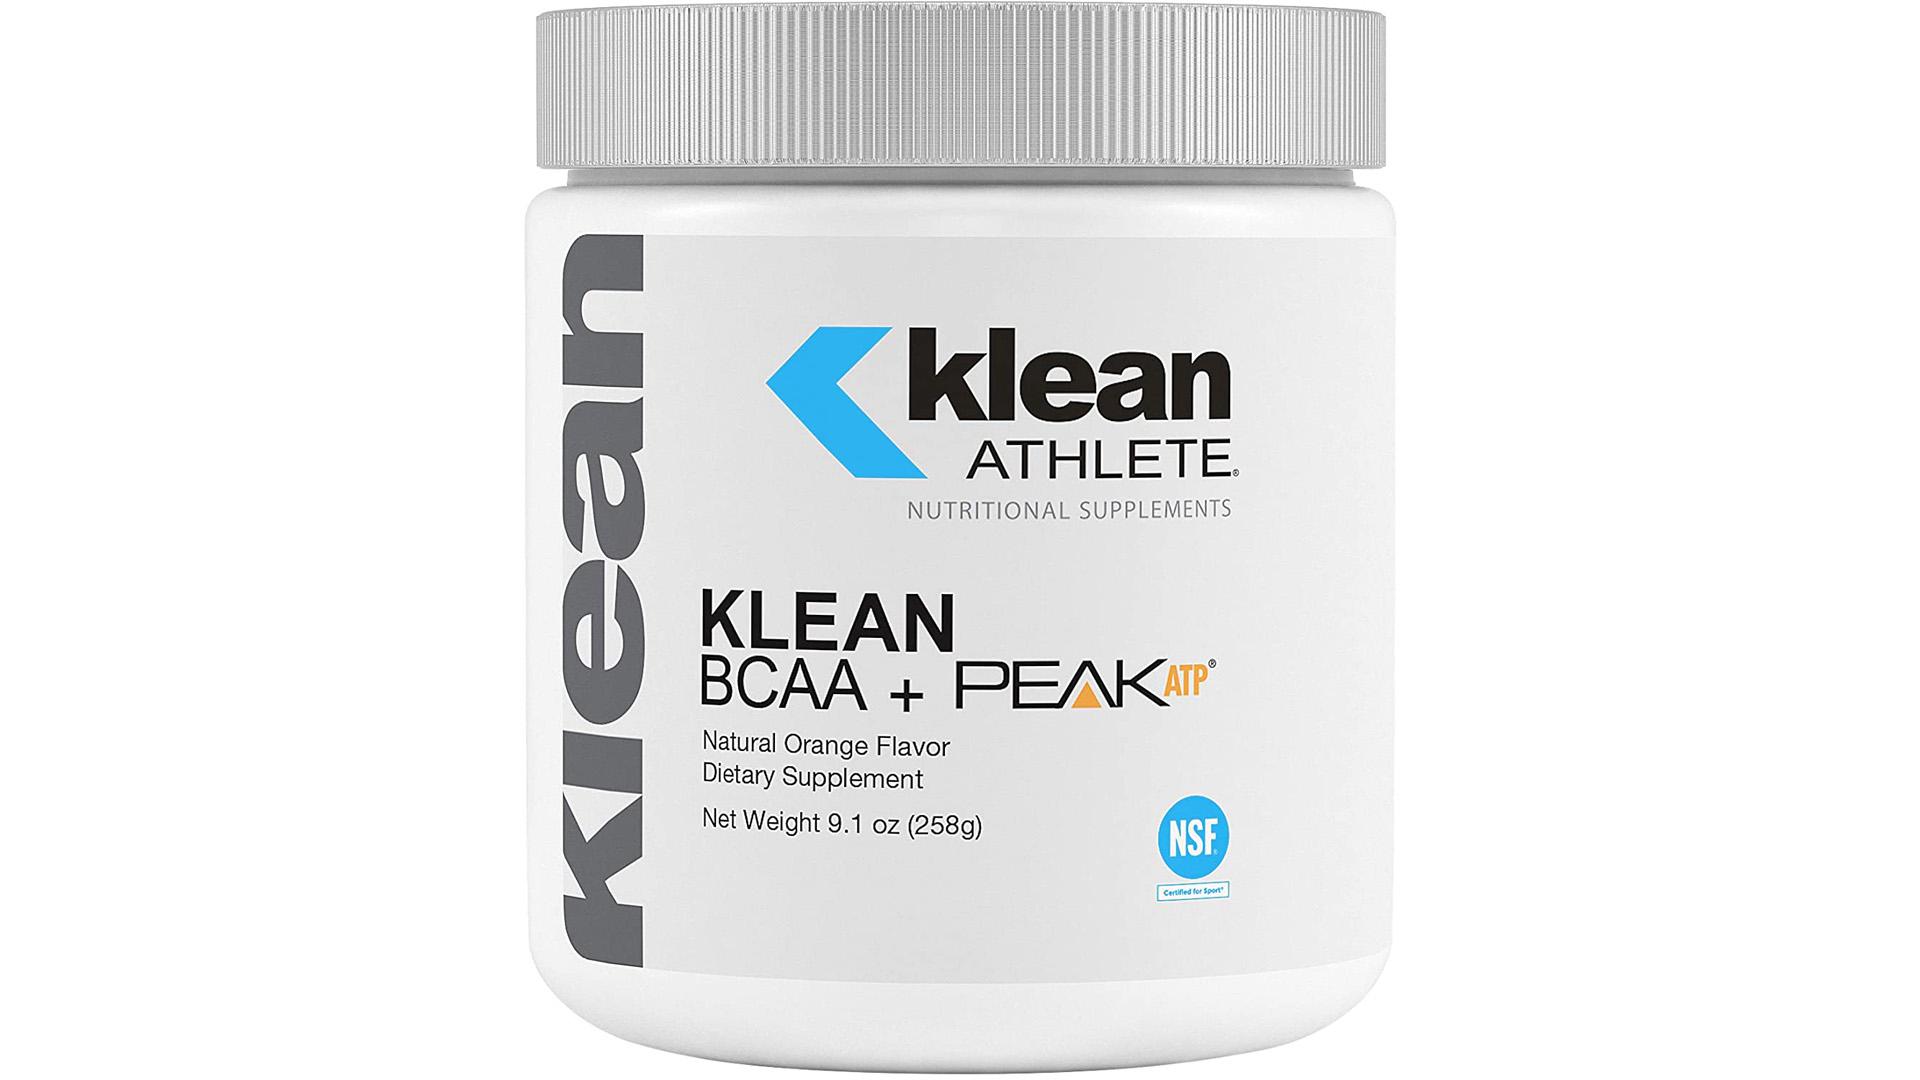 Klean Athlete by Klean BCAA